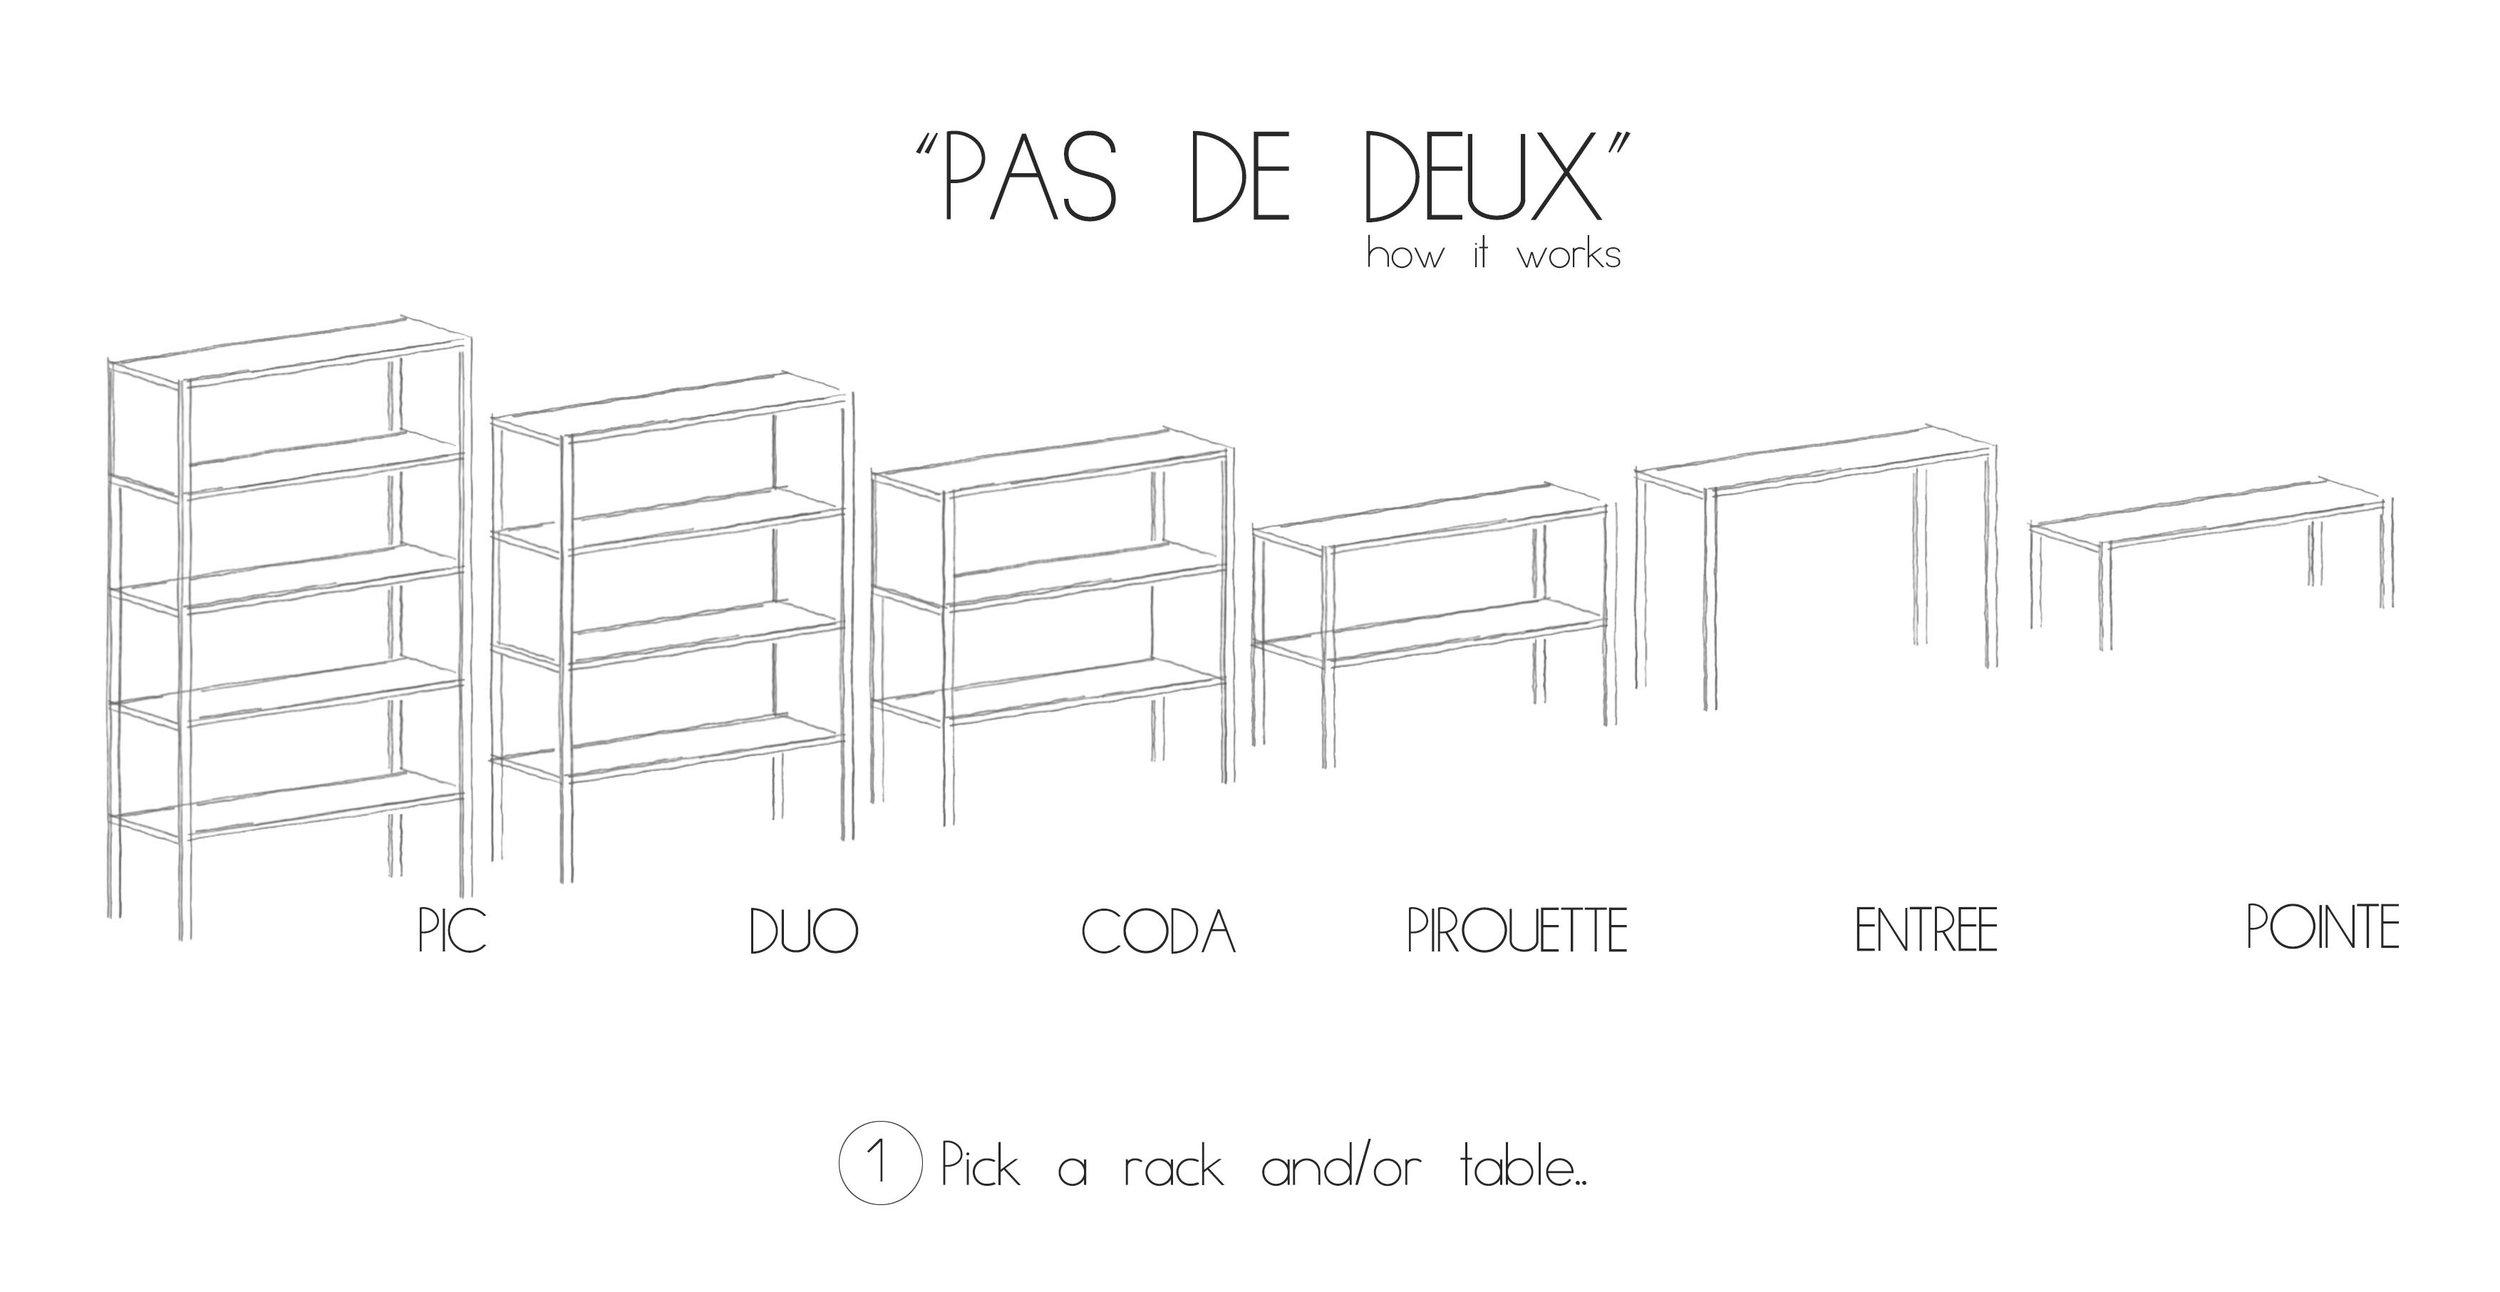 PAS DE DEUX - how it works1.jpg